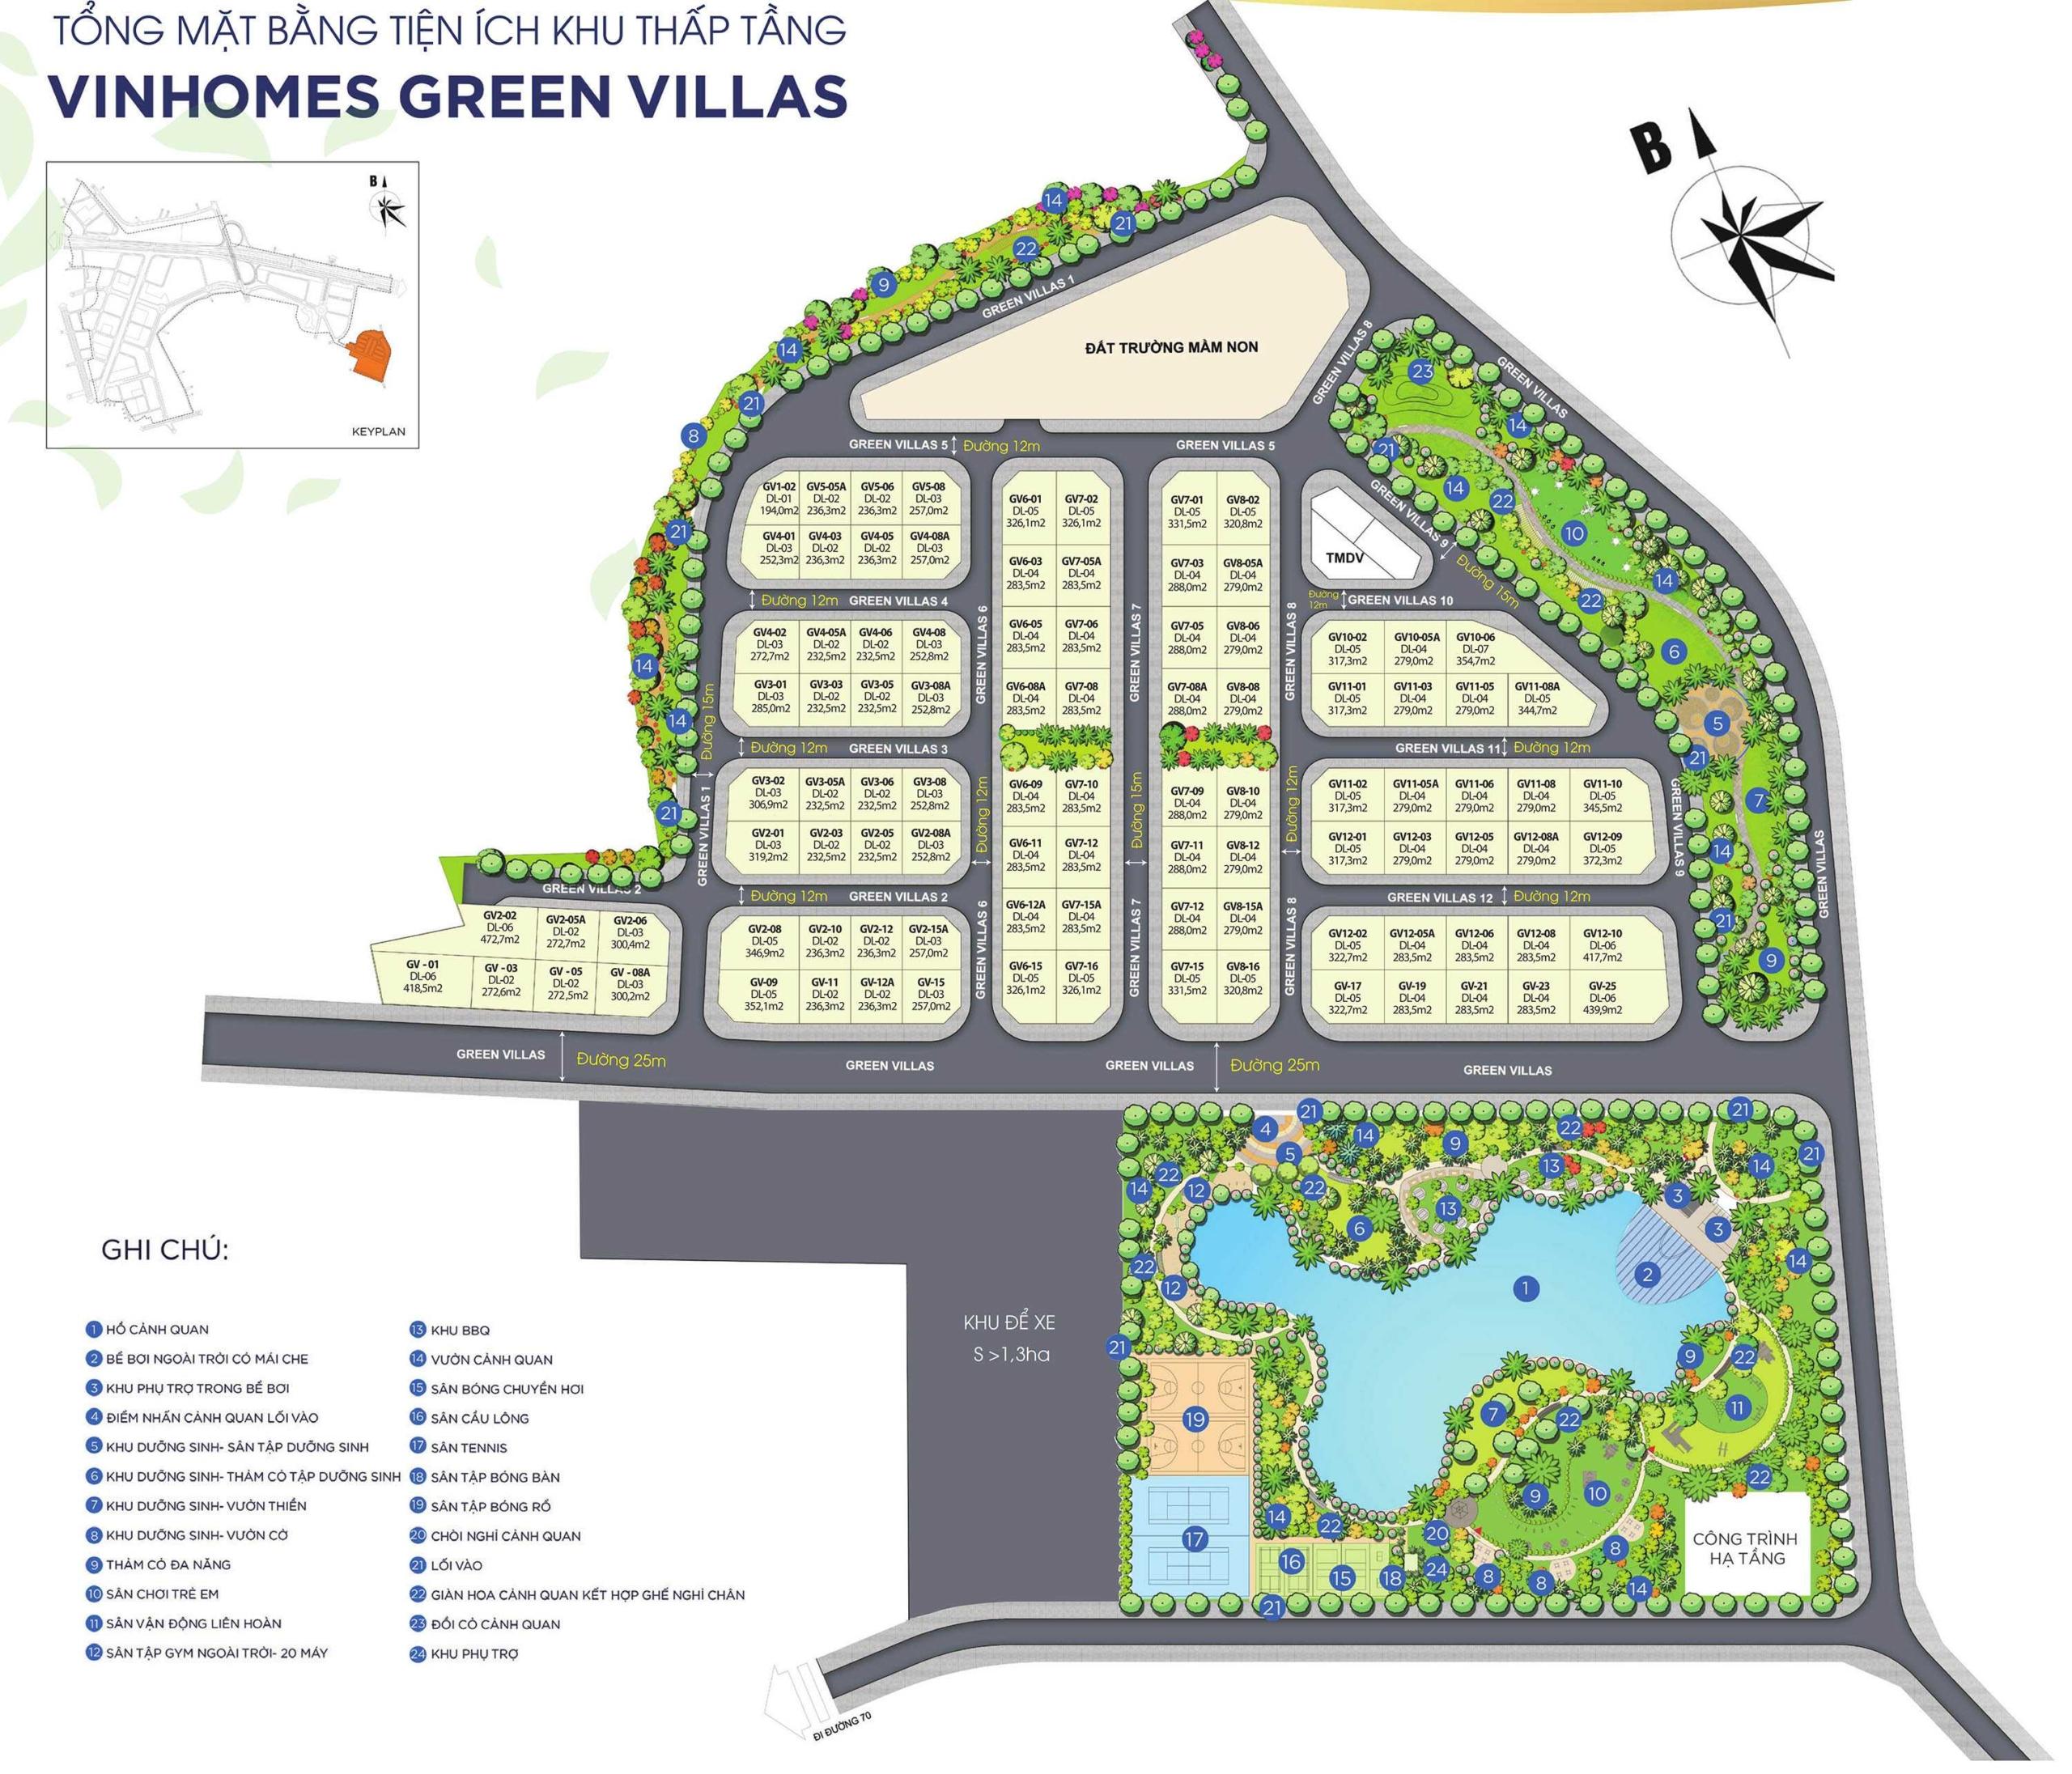 mat-bang-chi-lo-vinhomes-green-villas